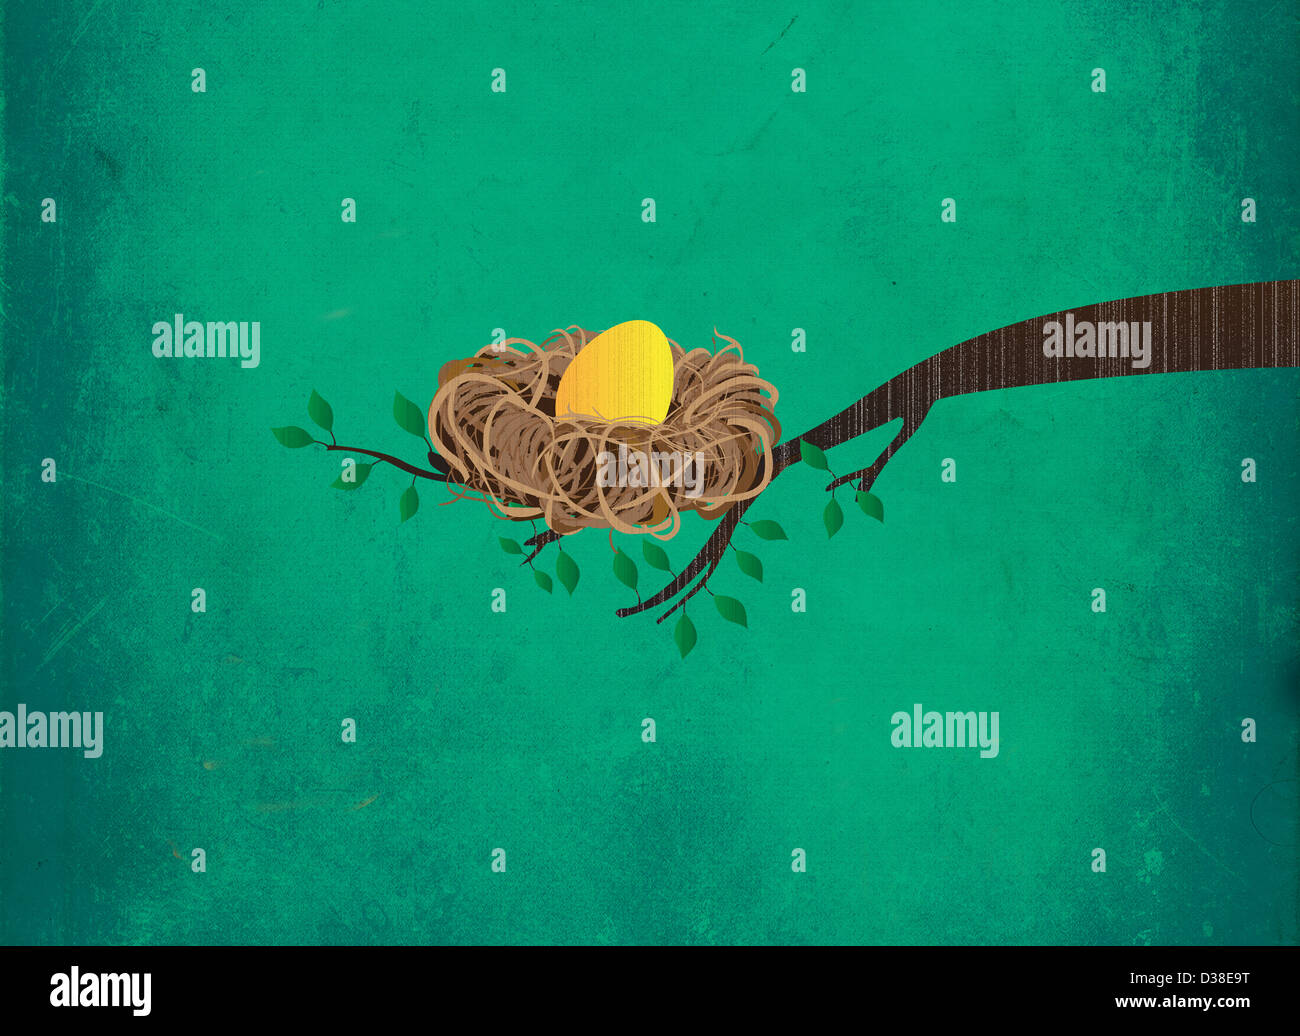 Immagine illustrativa del Golden Egg nel nido sul ramo che rappresentano gli investimenti Immagini Stock